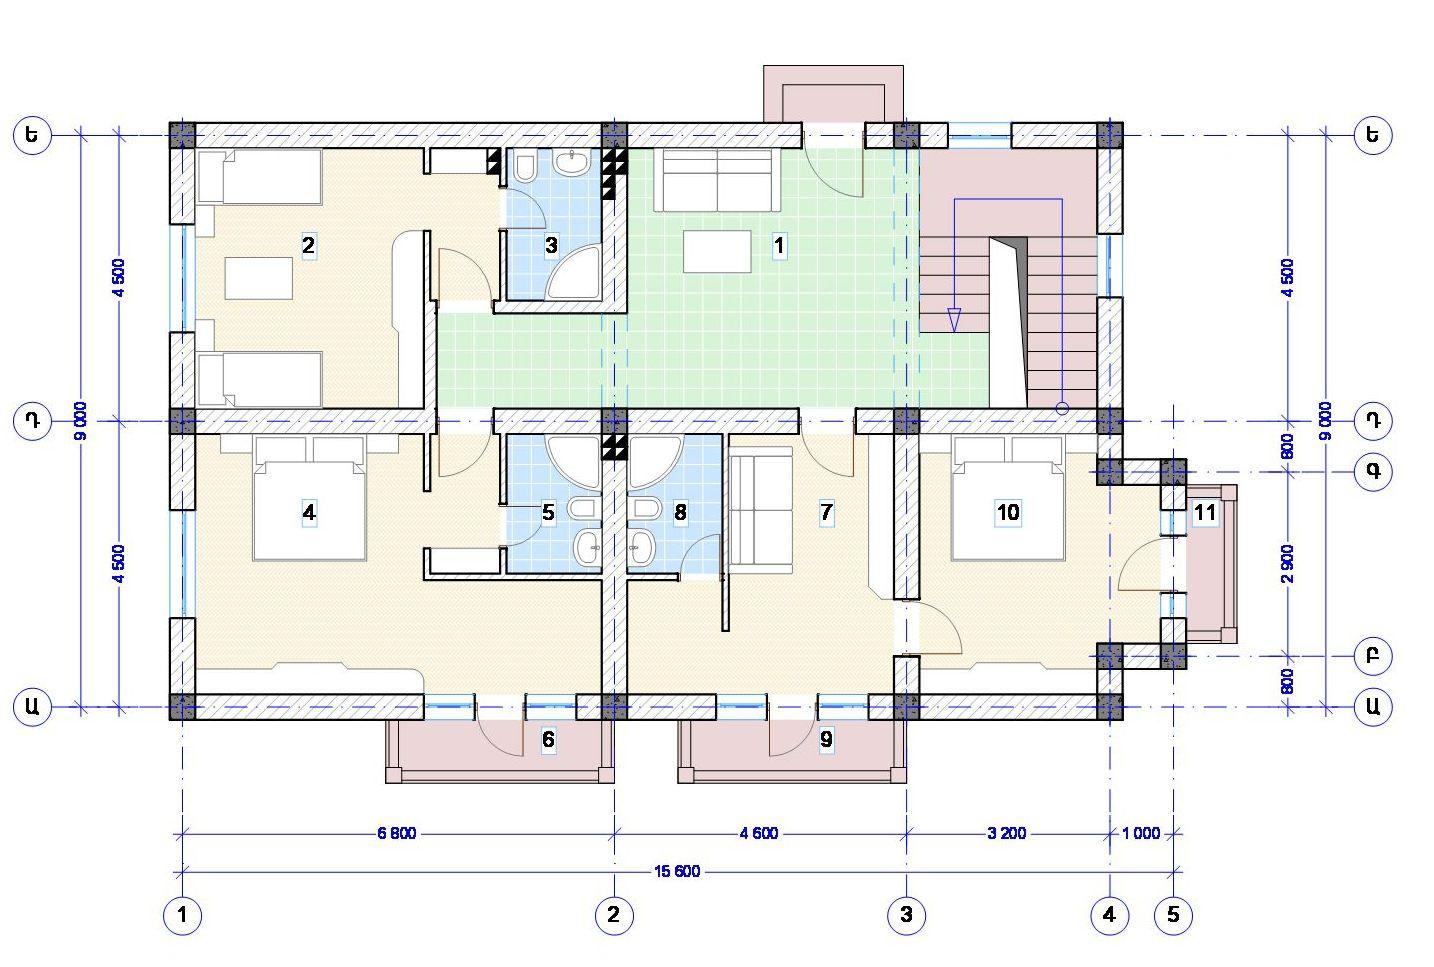 План 2го этажа отеля